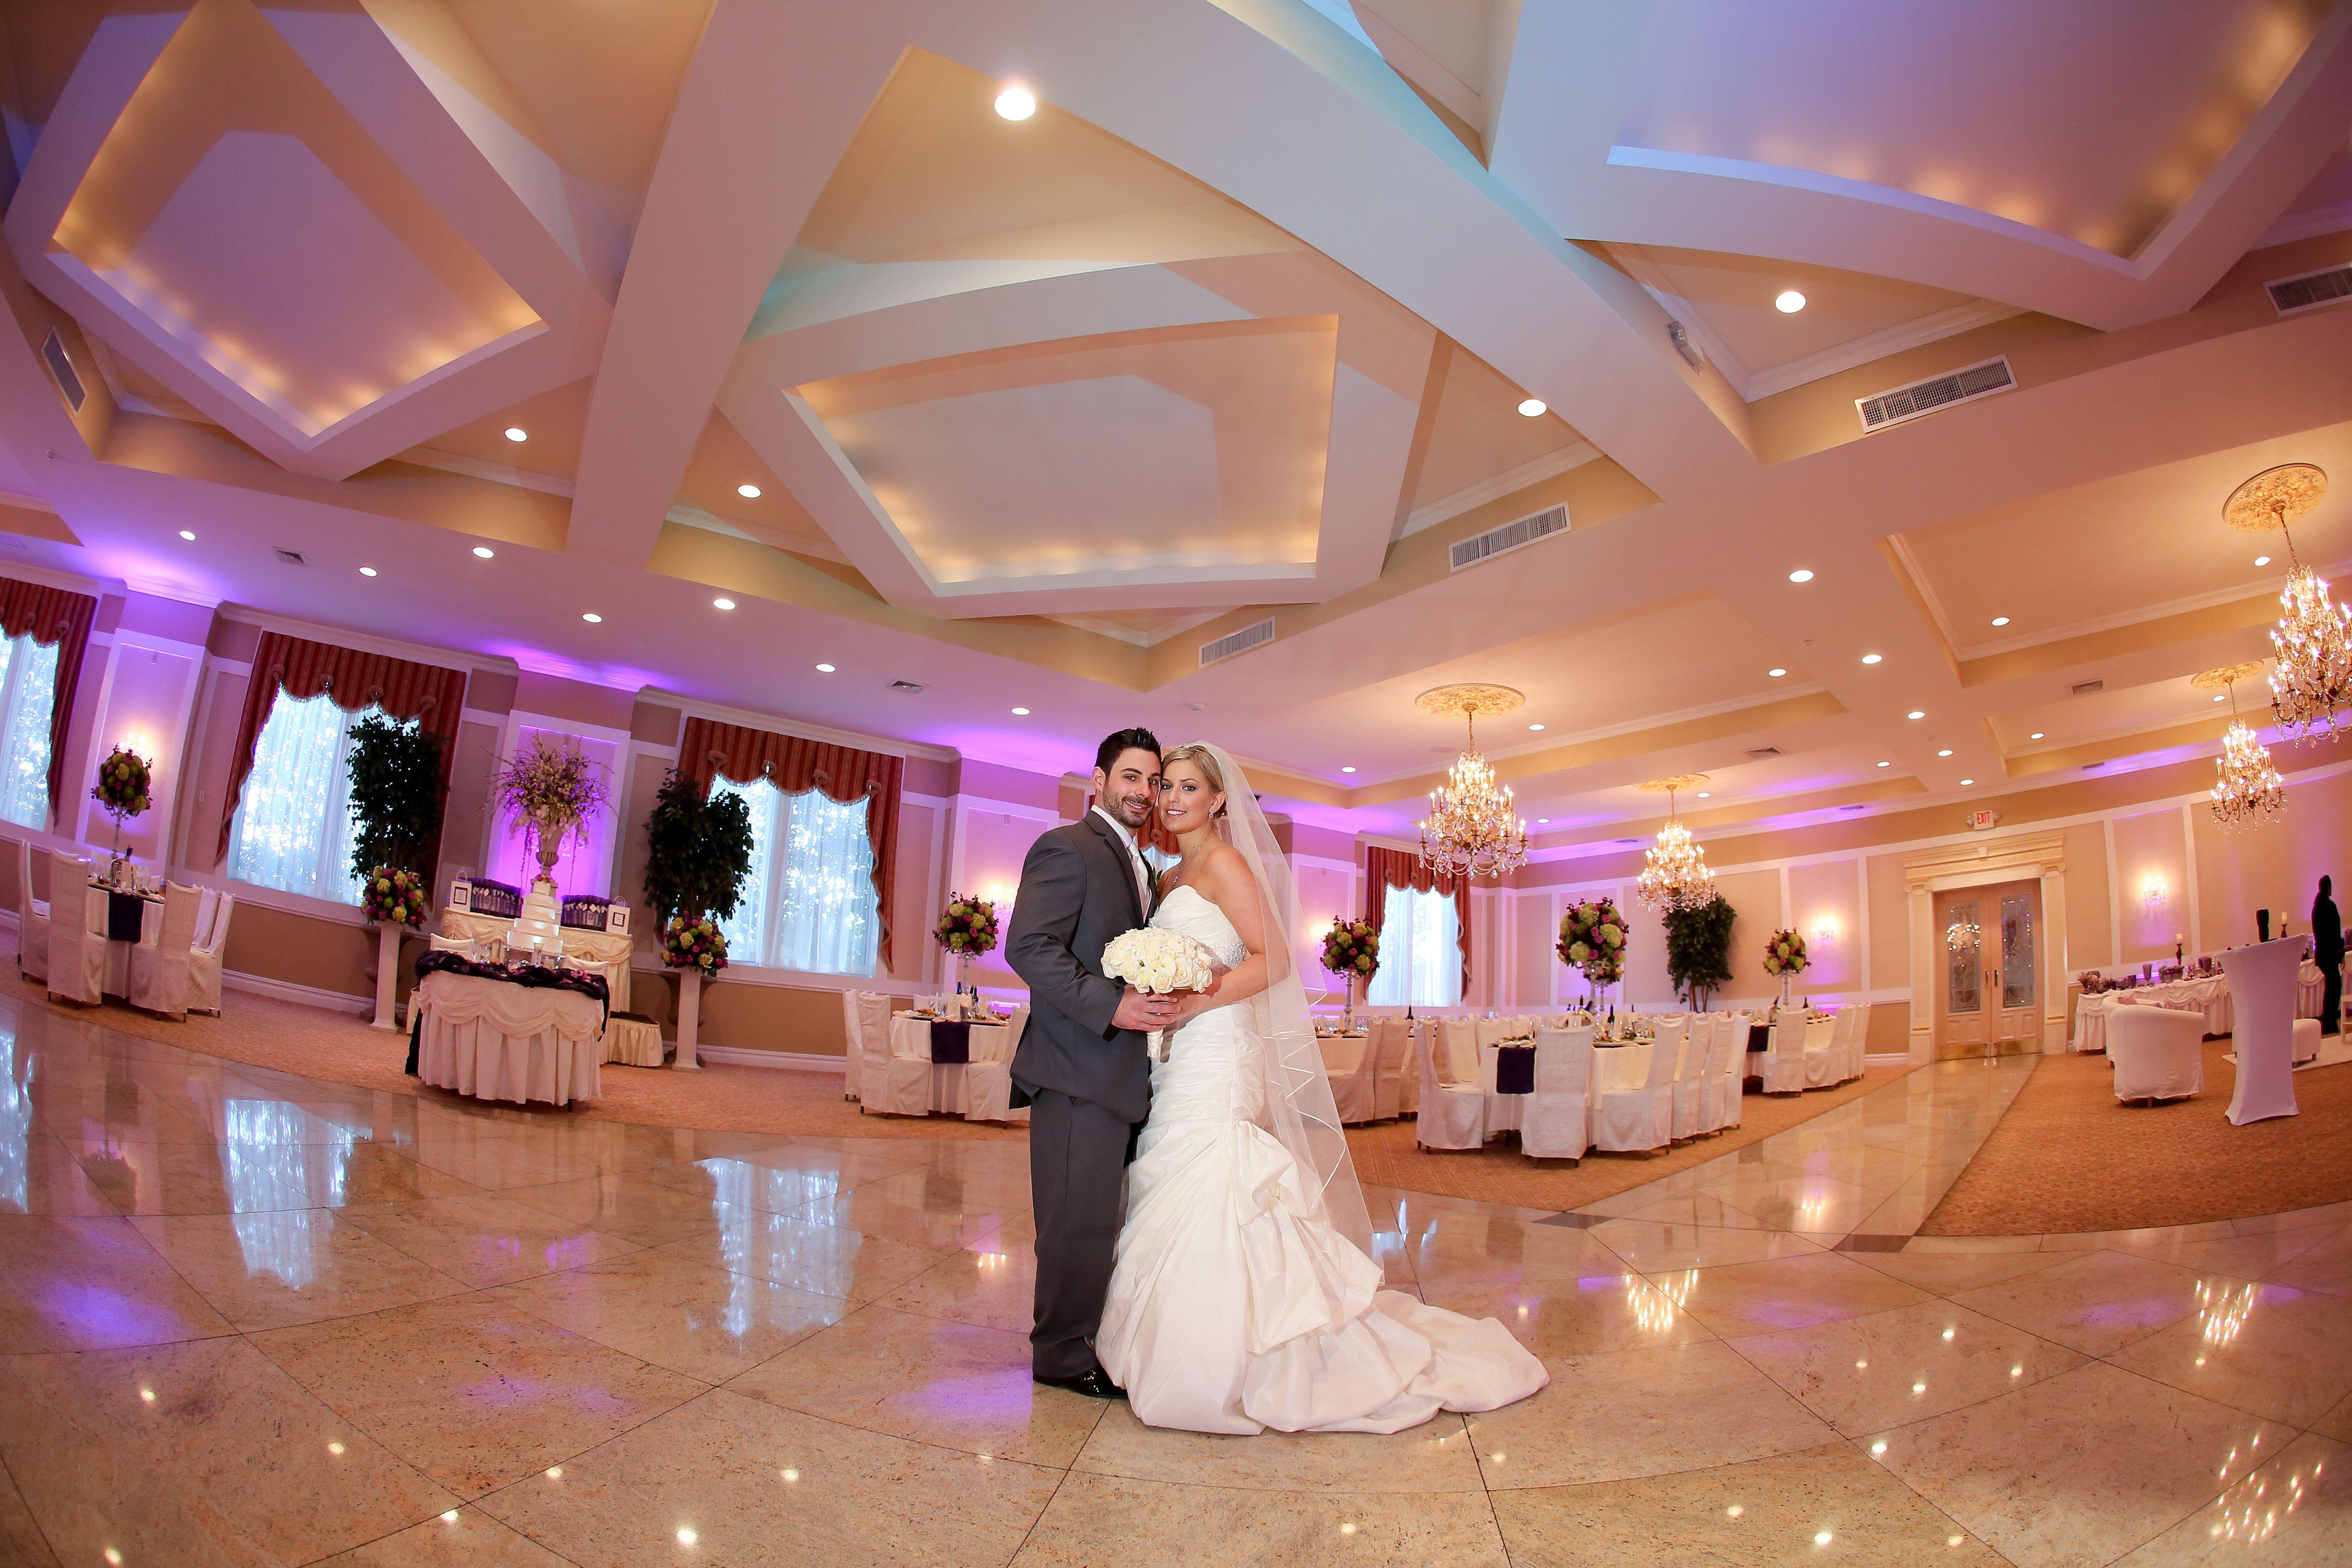 Villa Barone Mahopac Ny Putnam County Wedding Pics Venues Our